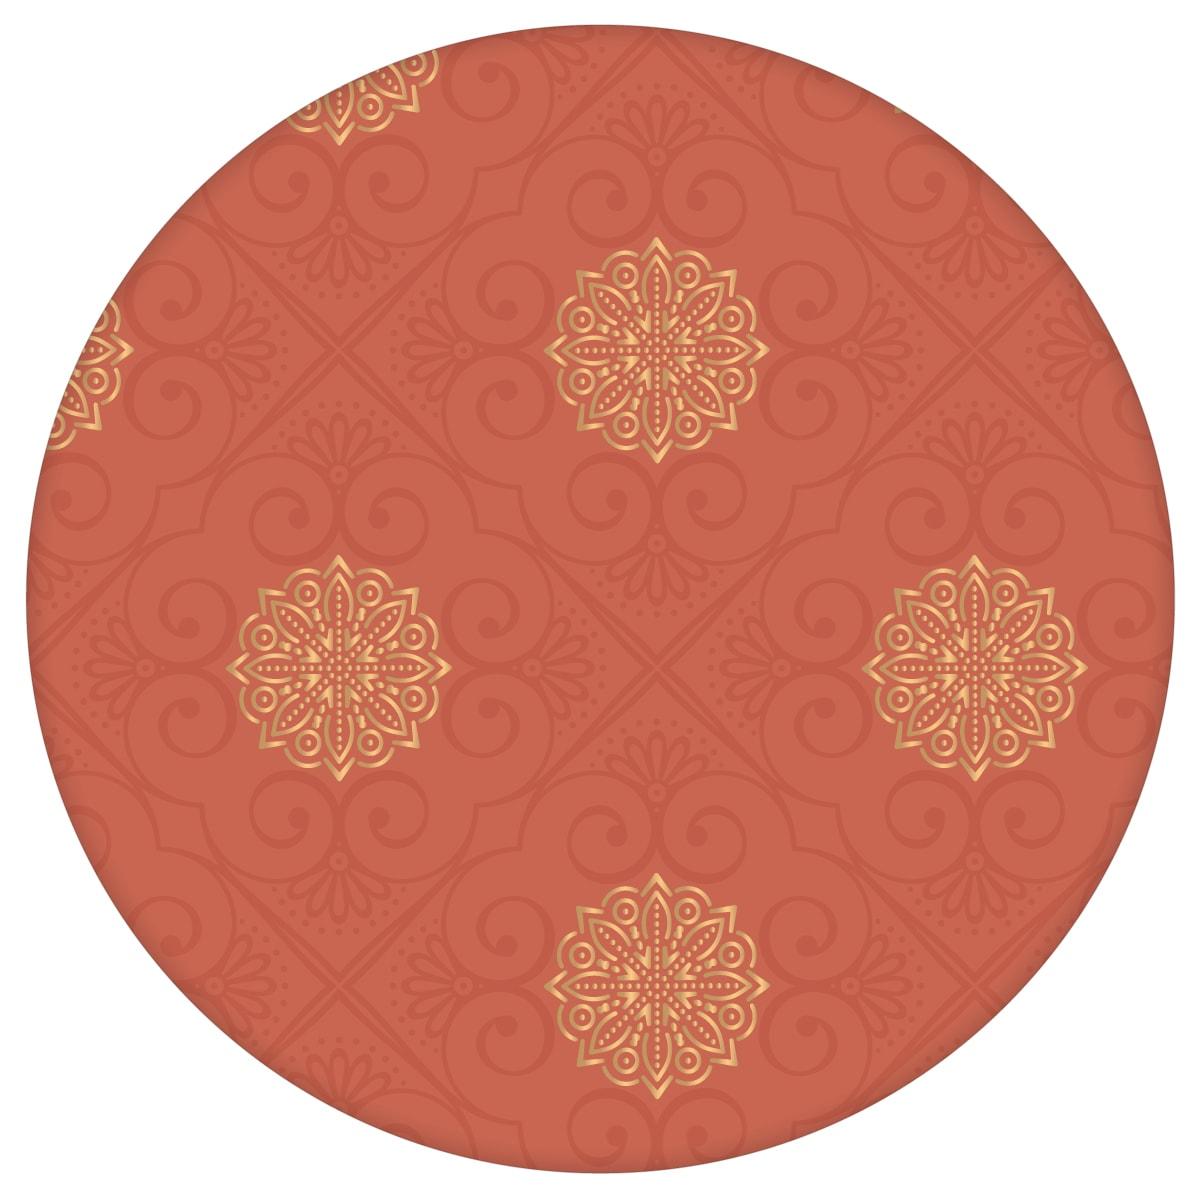 """Rote Tapete oriental """"Mandarin"""", rot braune Vlies Tapete Ornamente, elegante Wanddeko für Schlafzimmeraus dem GMM-BERLIN.com Sortiment: rote Tapete zur Raumgestaltung: #00135 #braun #Braune Tapeten #chinesisch #grafisch #ornamente #Ornamenttapete #rot #rote Tapeten #schlafzimmer für individuelles Interiordesign"""